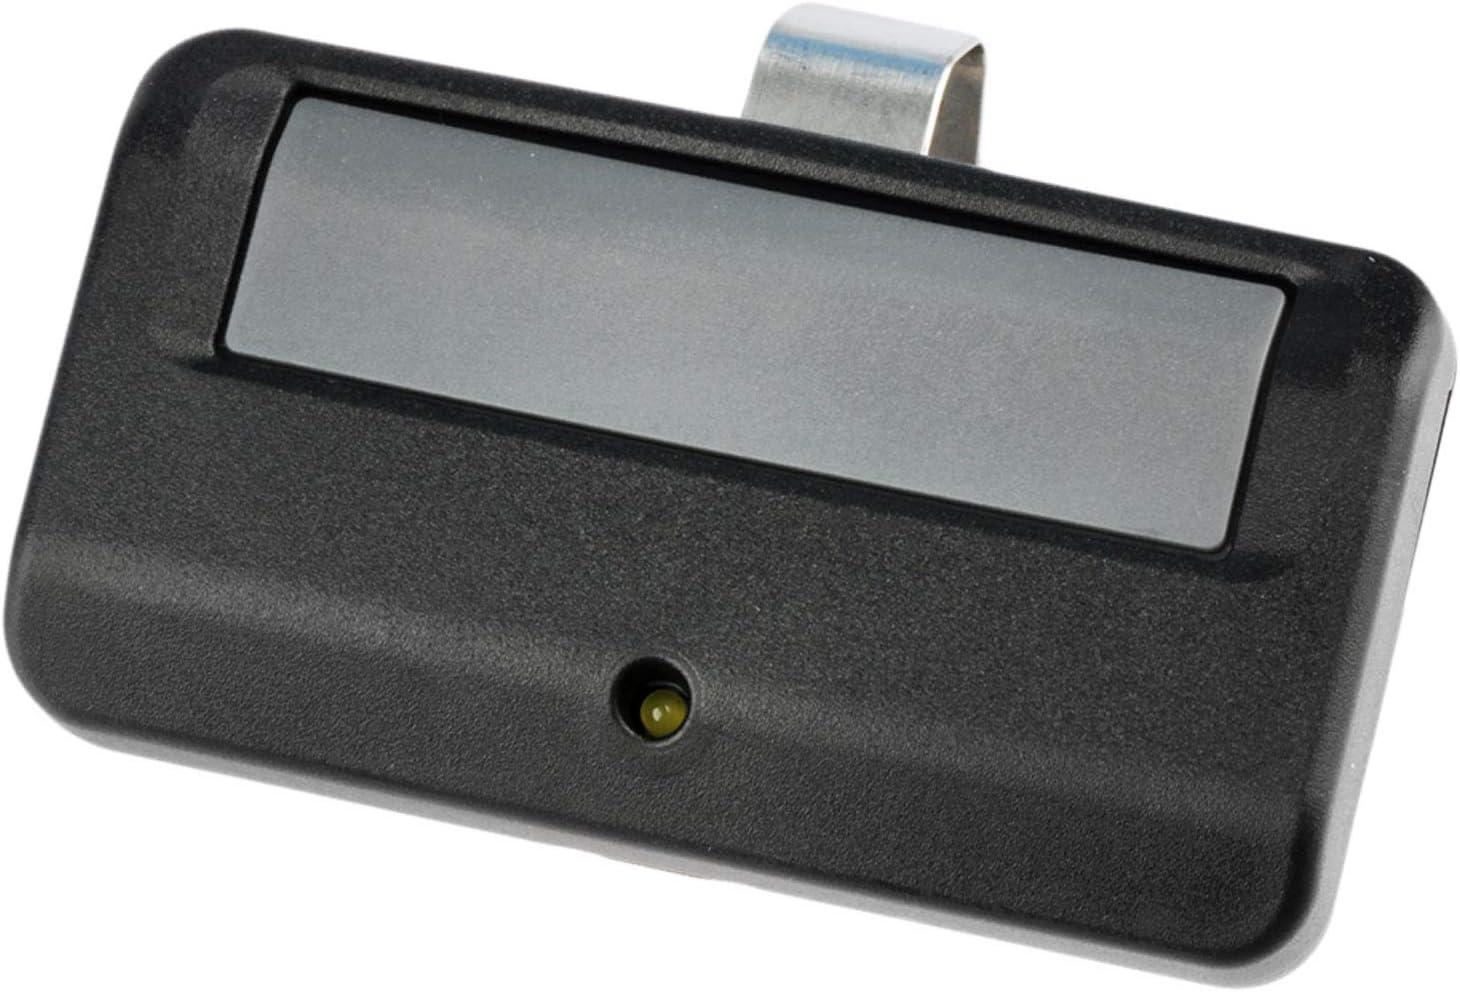 for Liftmaster 891LM Garage Door Opener Remote